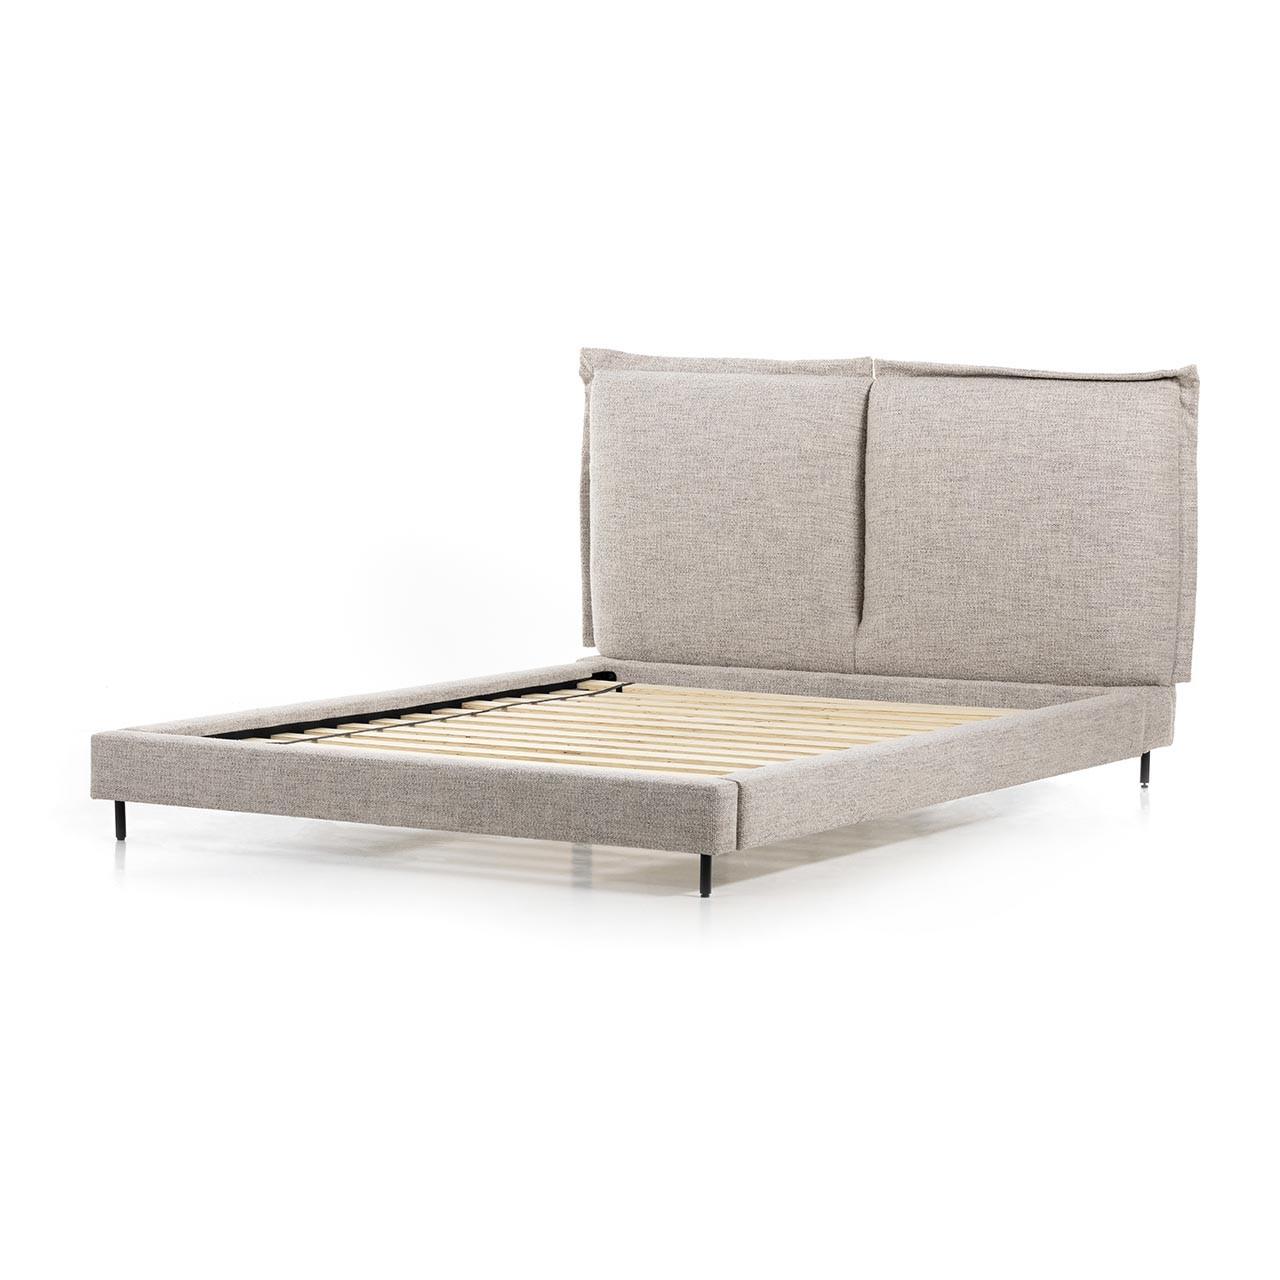 Indell Bed